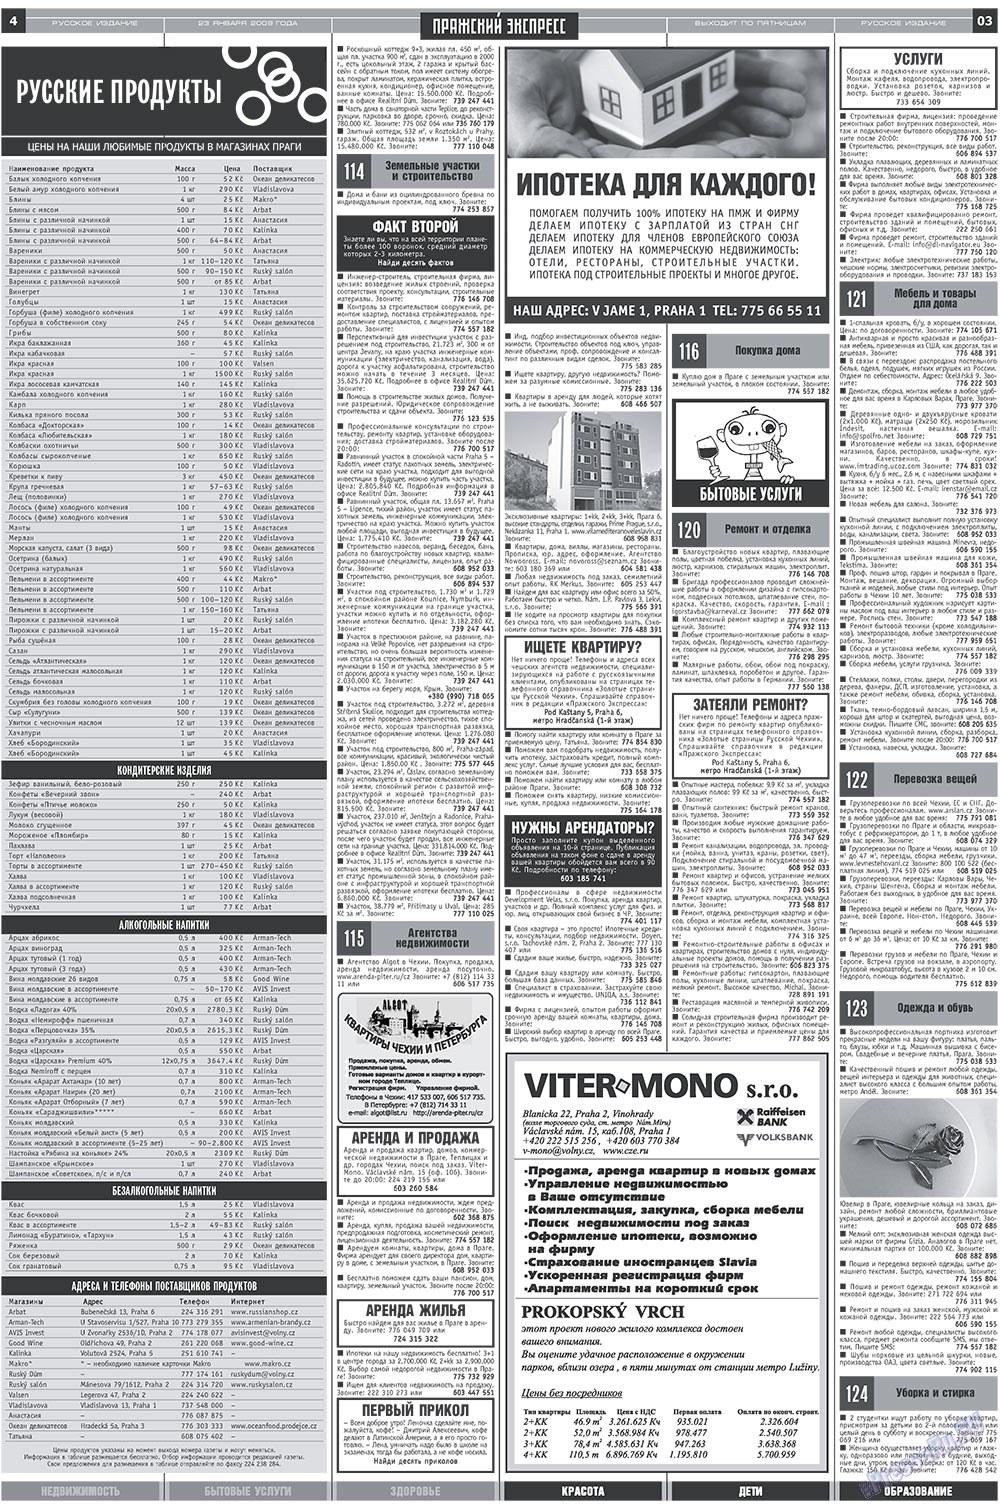 Пражский экспресс (газета). 2009 год, номер 3, стр. 4